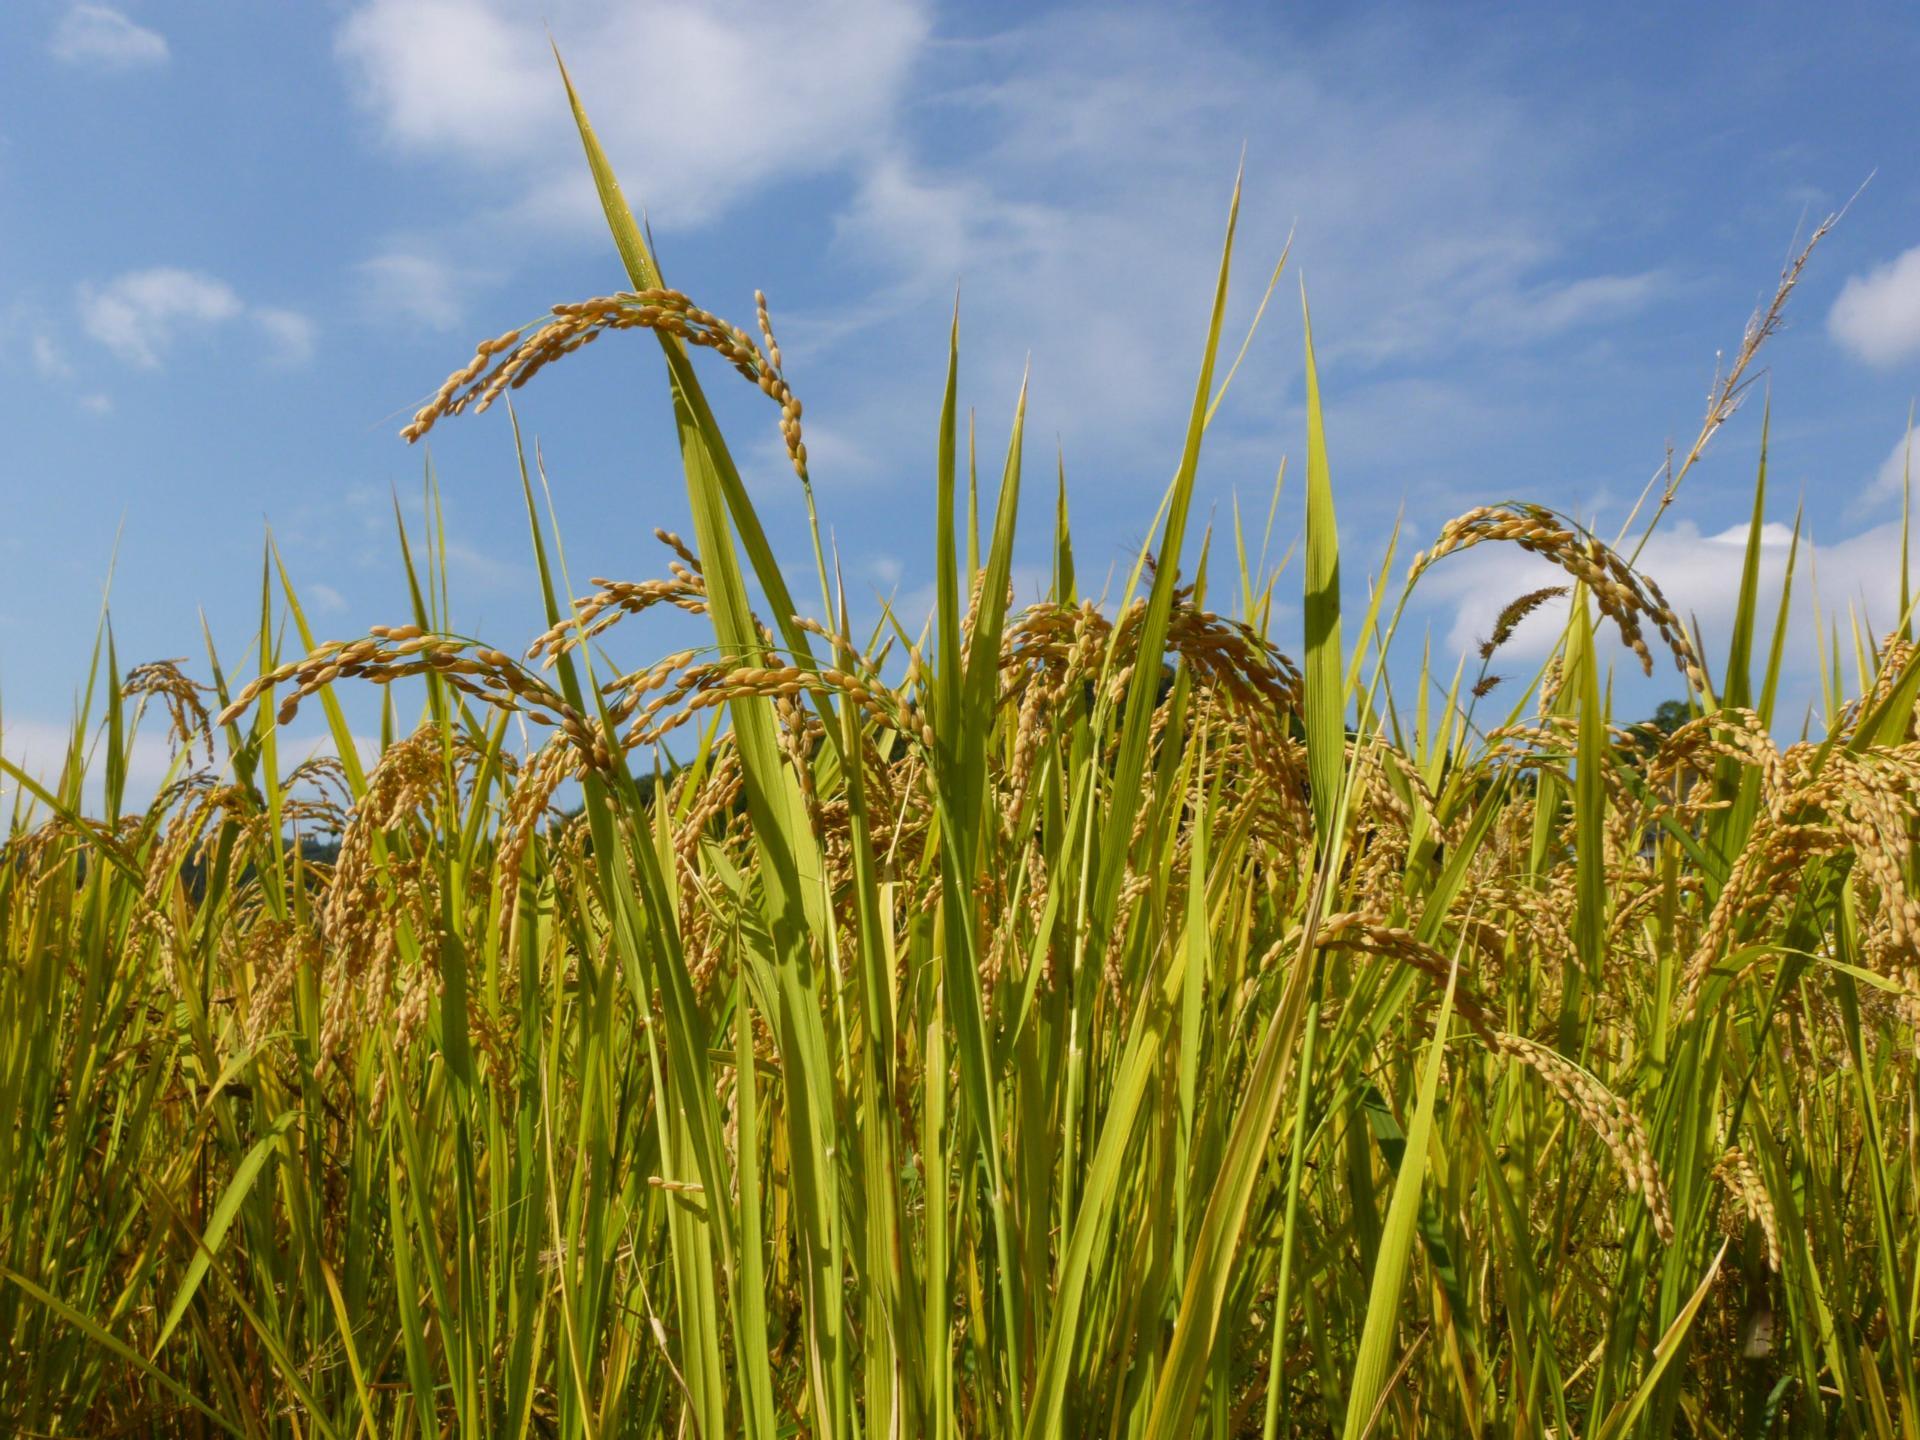 さわさわと 秋空のもと 豊かに実りつづける稲です。 青空に映して ...  君は銀河の青い風